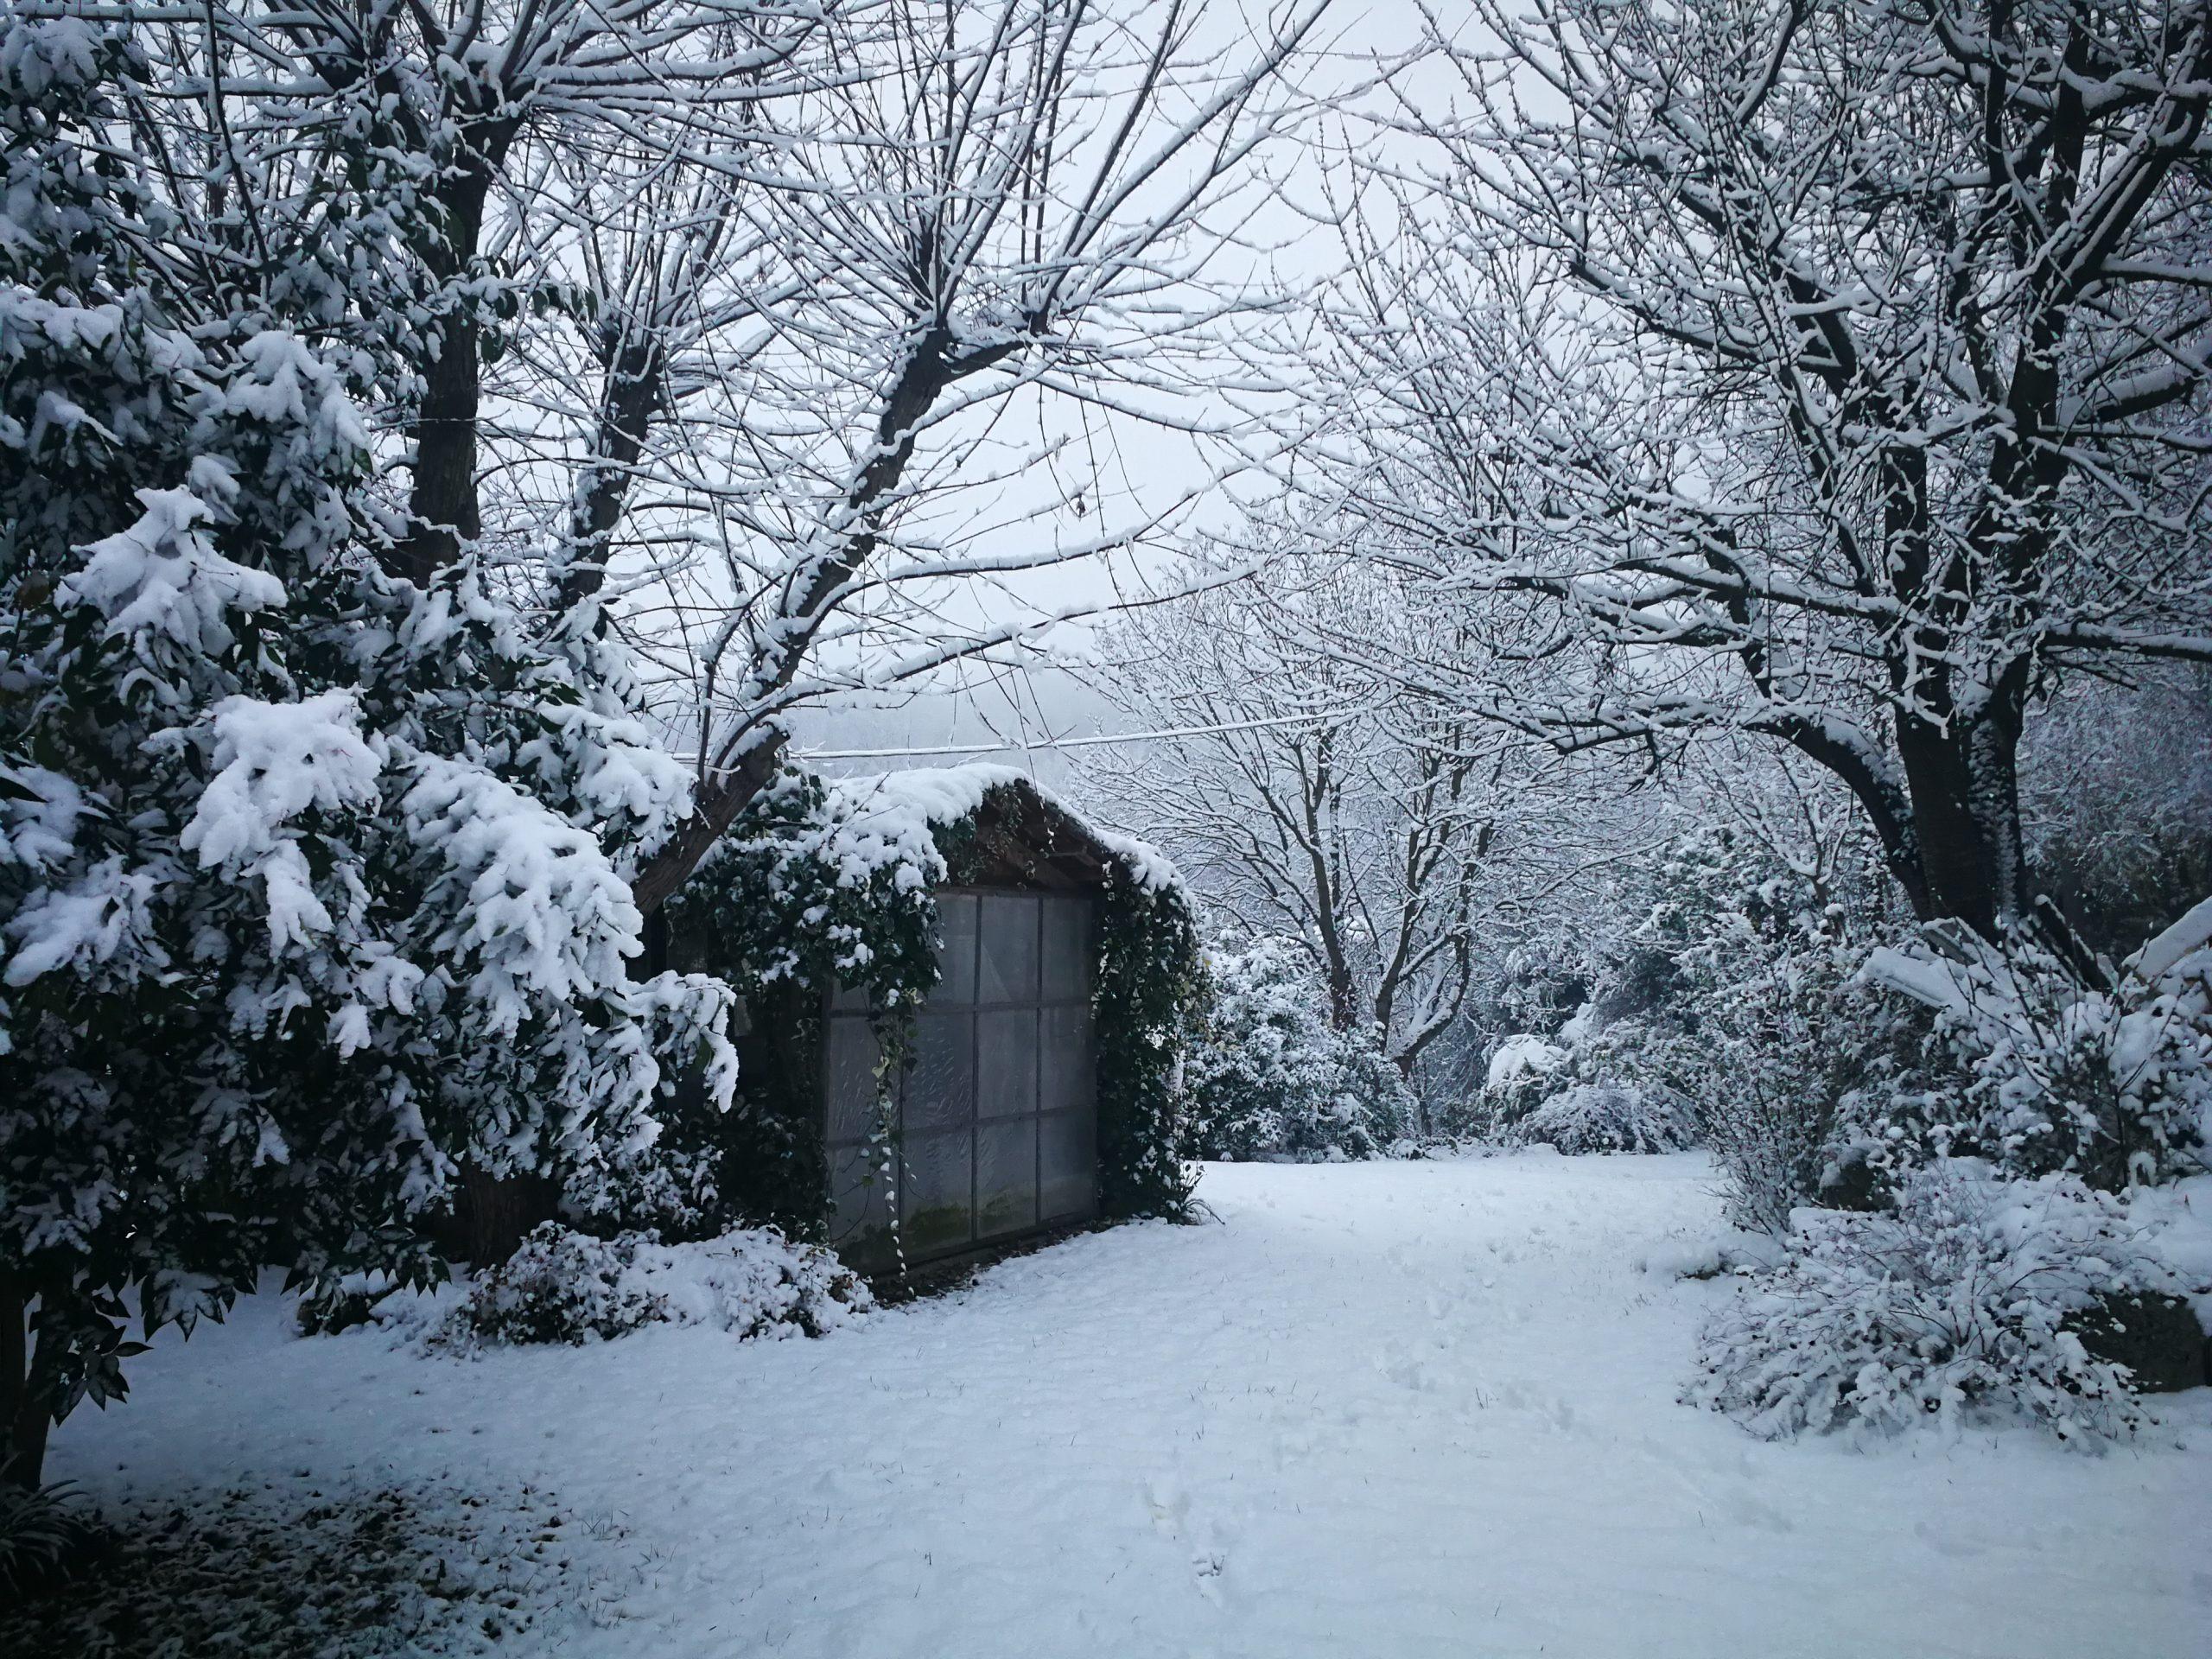 Evviva la neve! 9